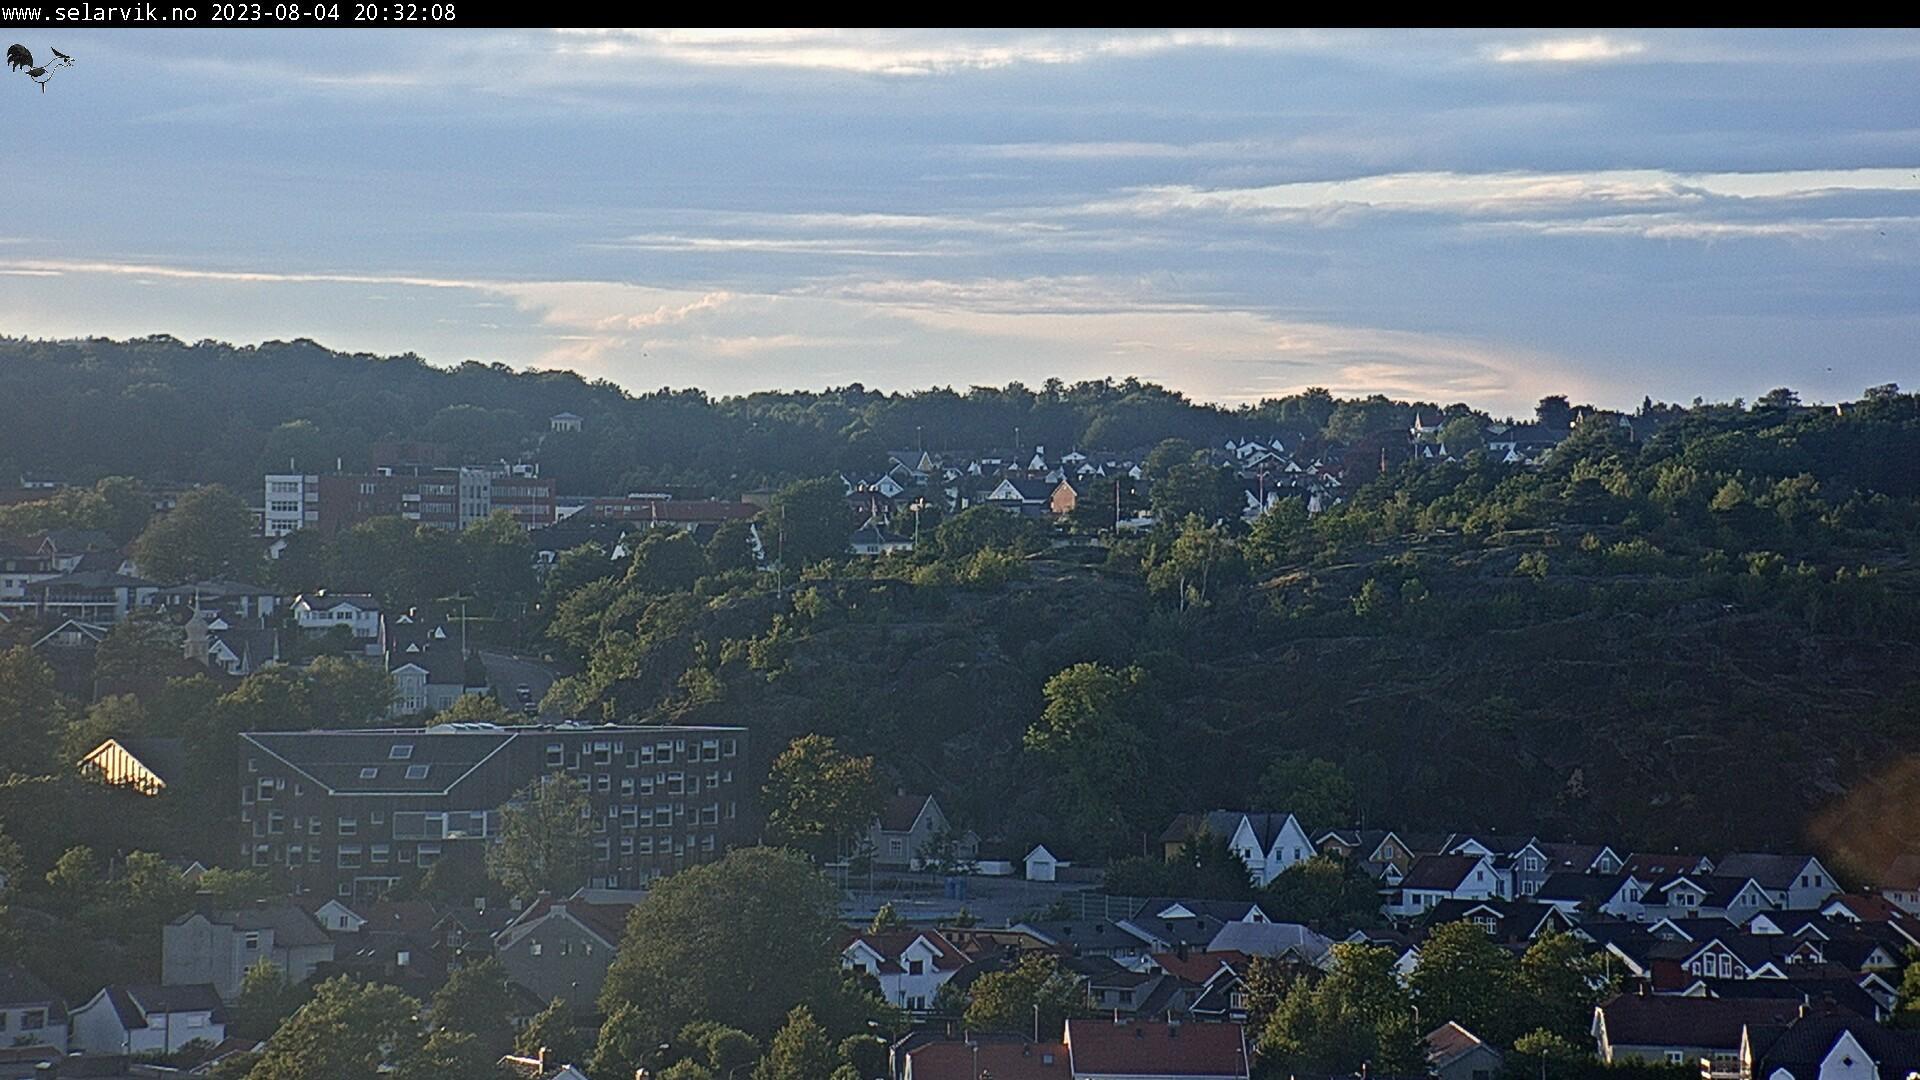 Webcam Fredenshavn bru: Larvik − Mesterfjellet